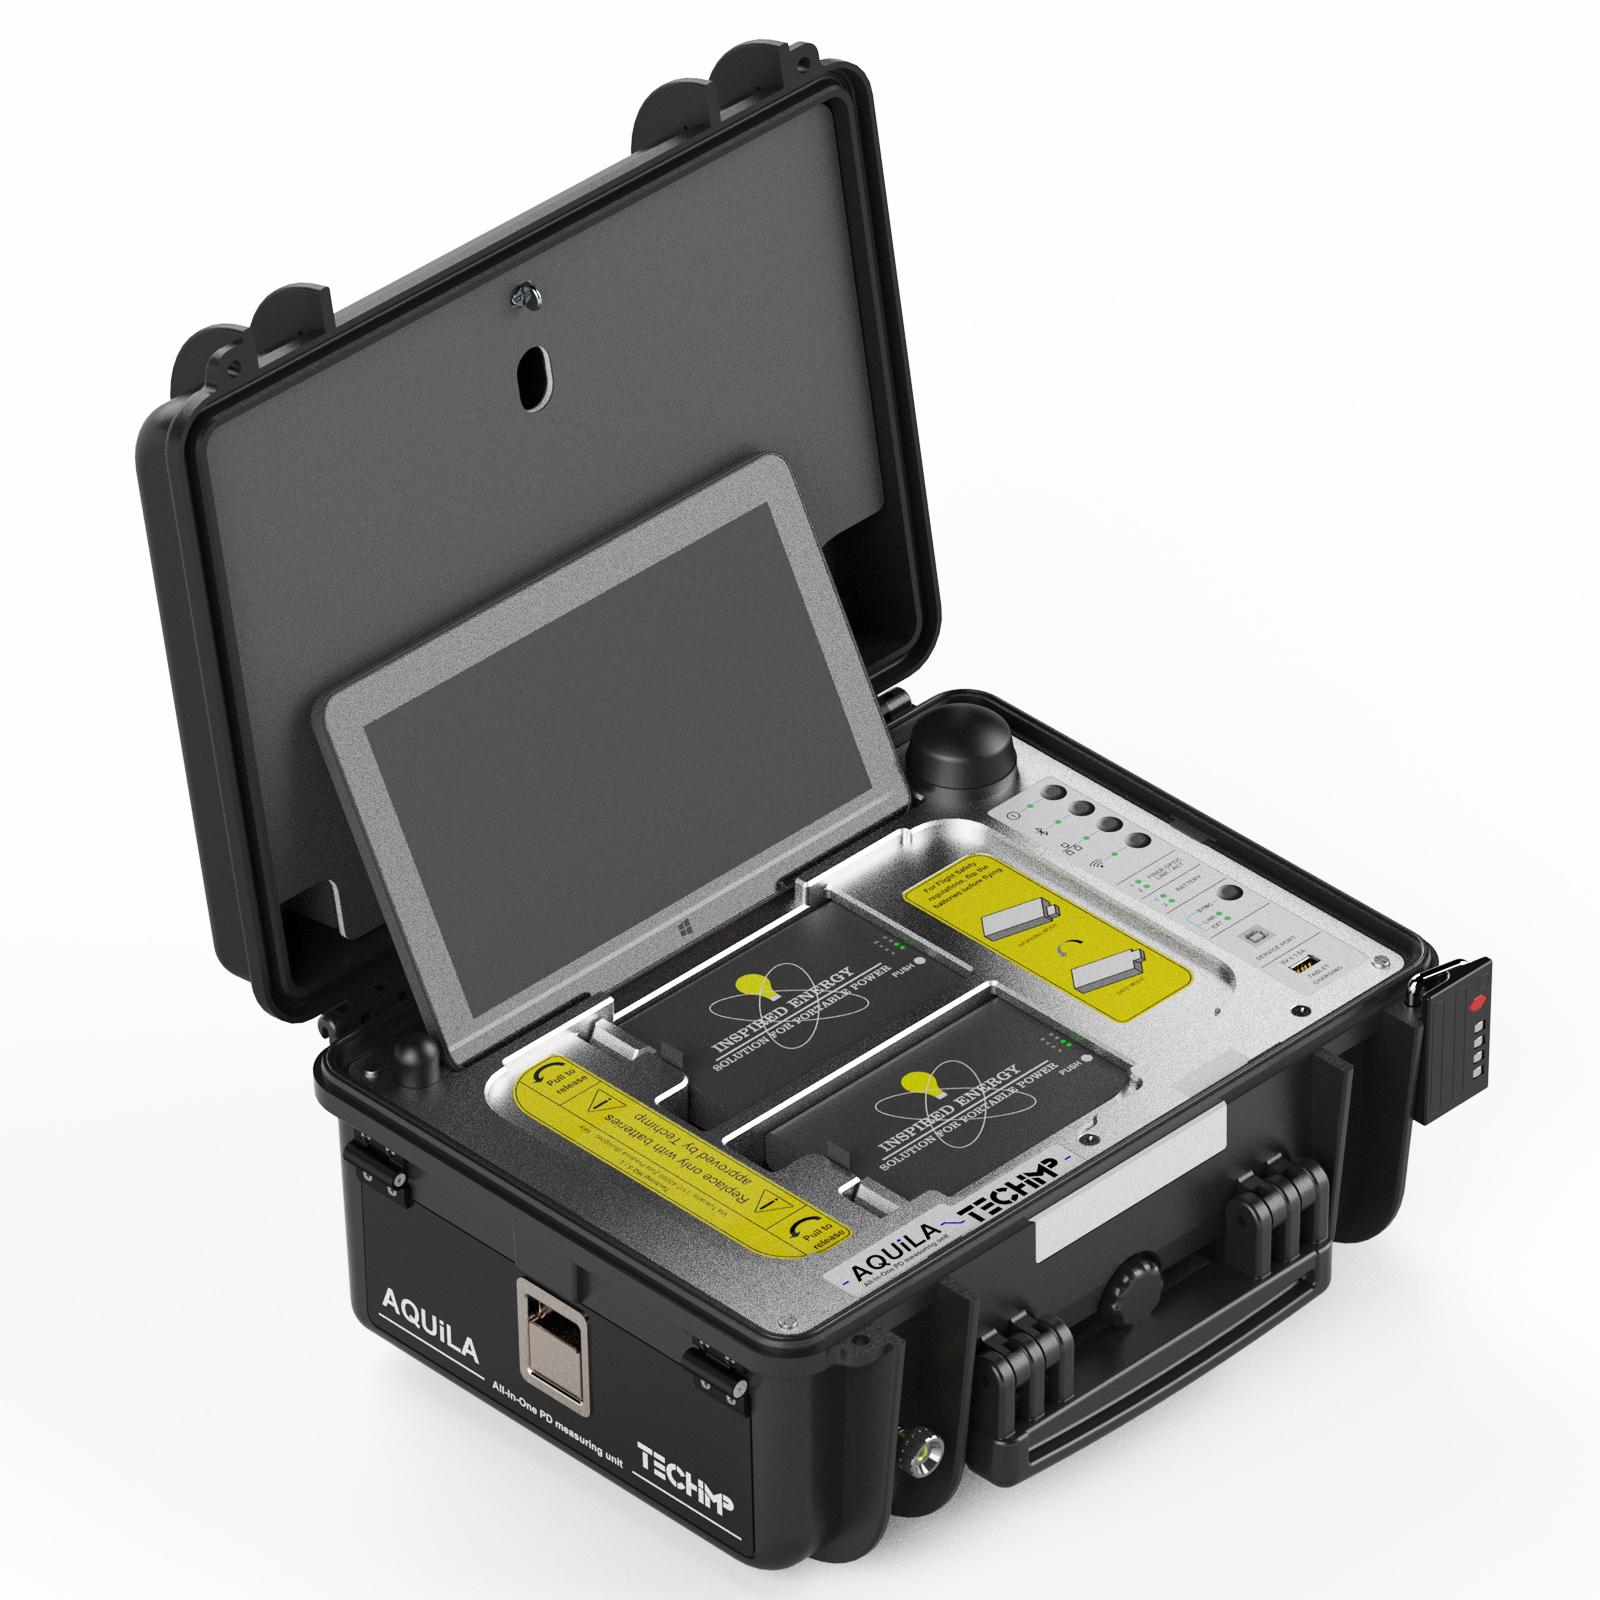 AQUILA™|Portable PD analyzer